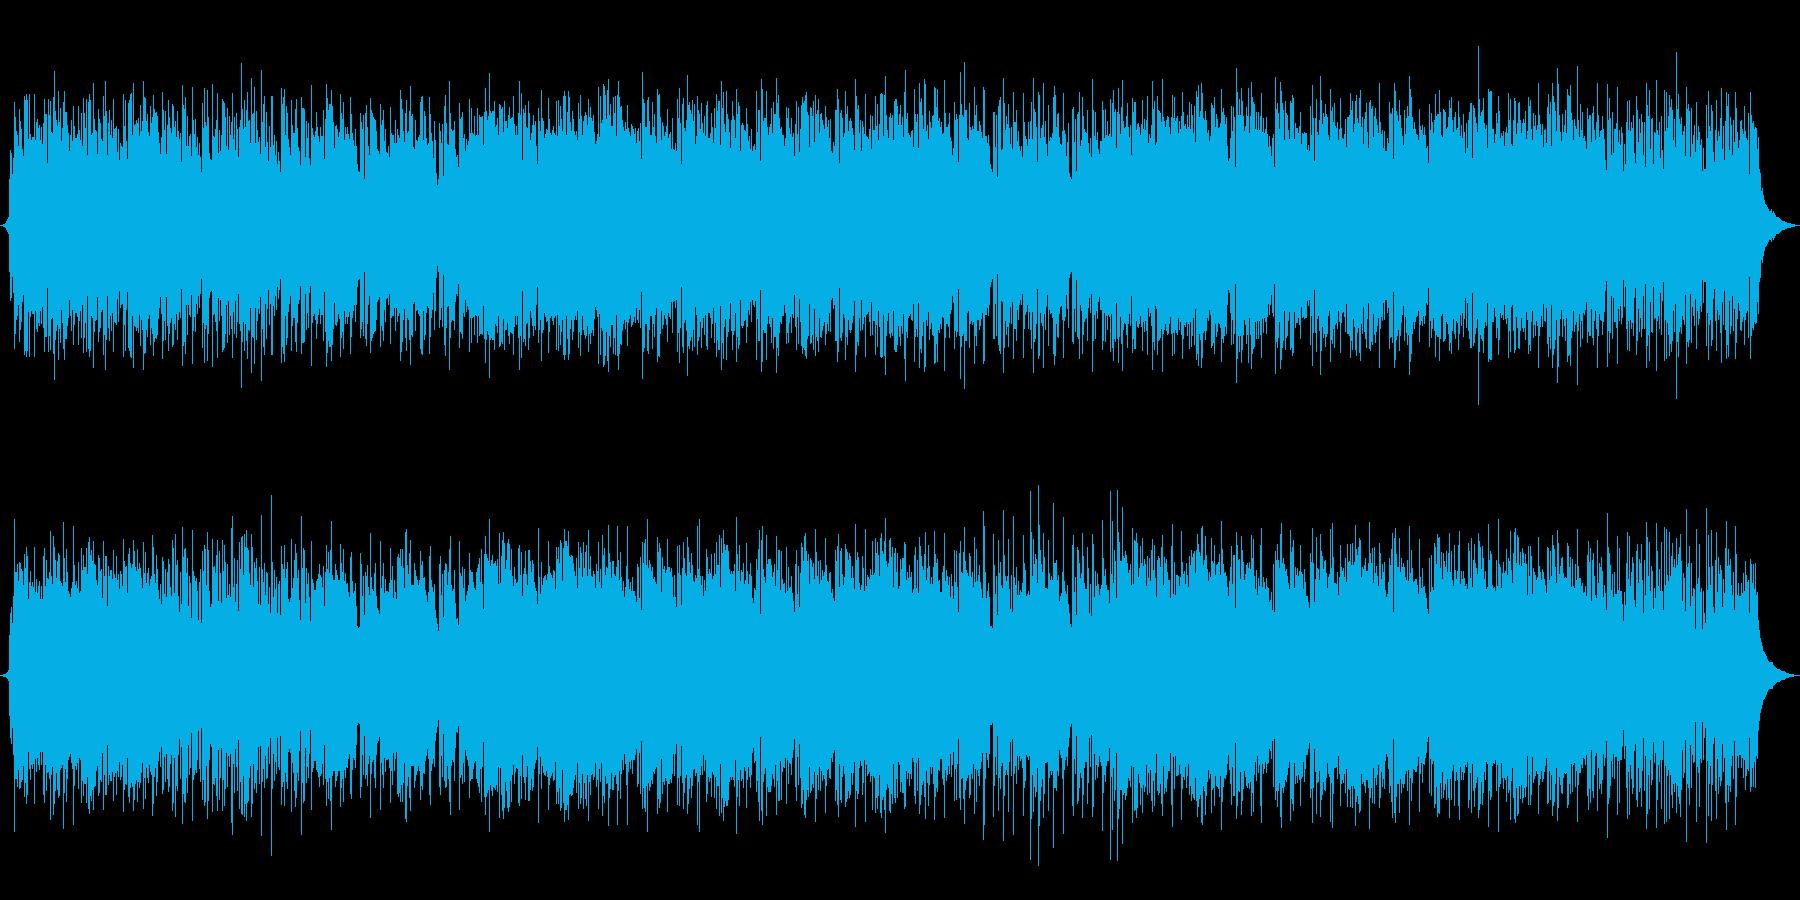 和風で切ない生演奏バイオリンのバラードの再生済みの波形